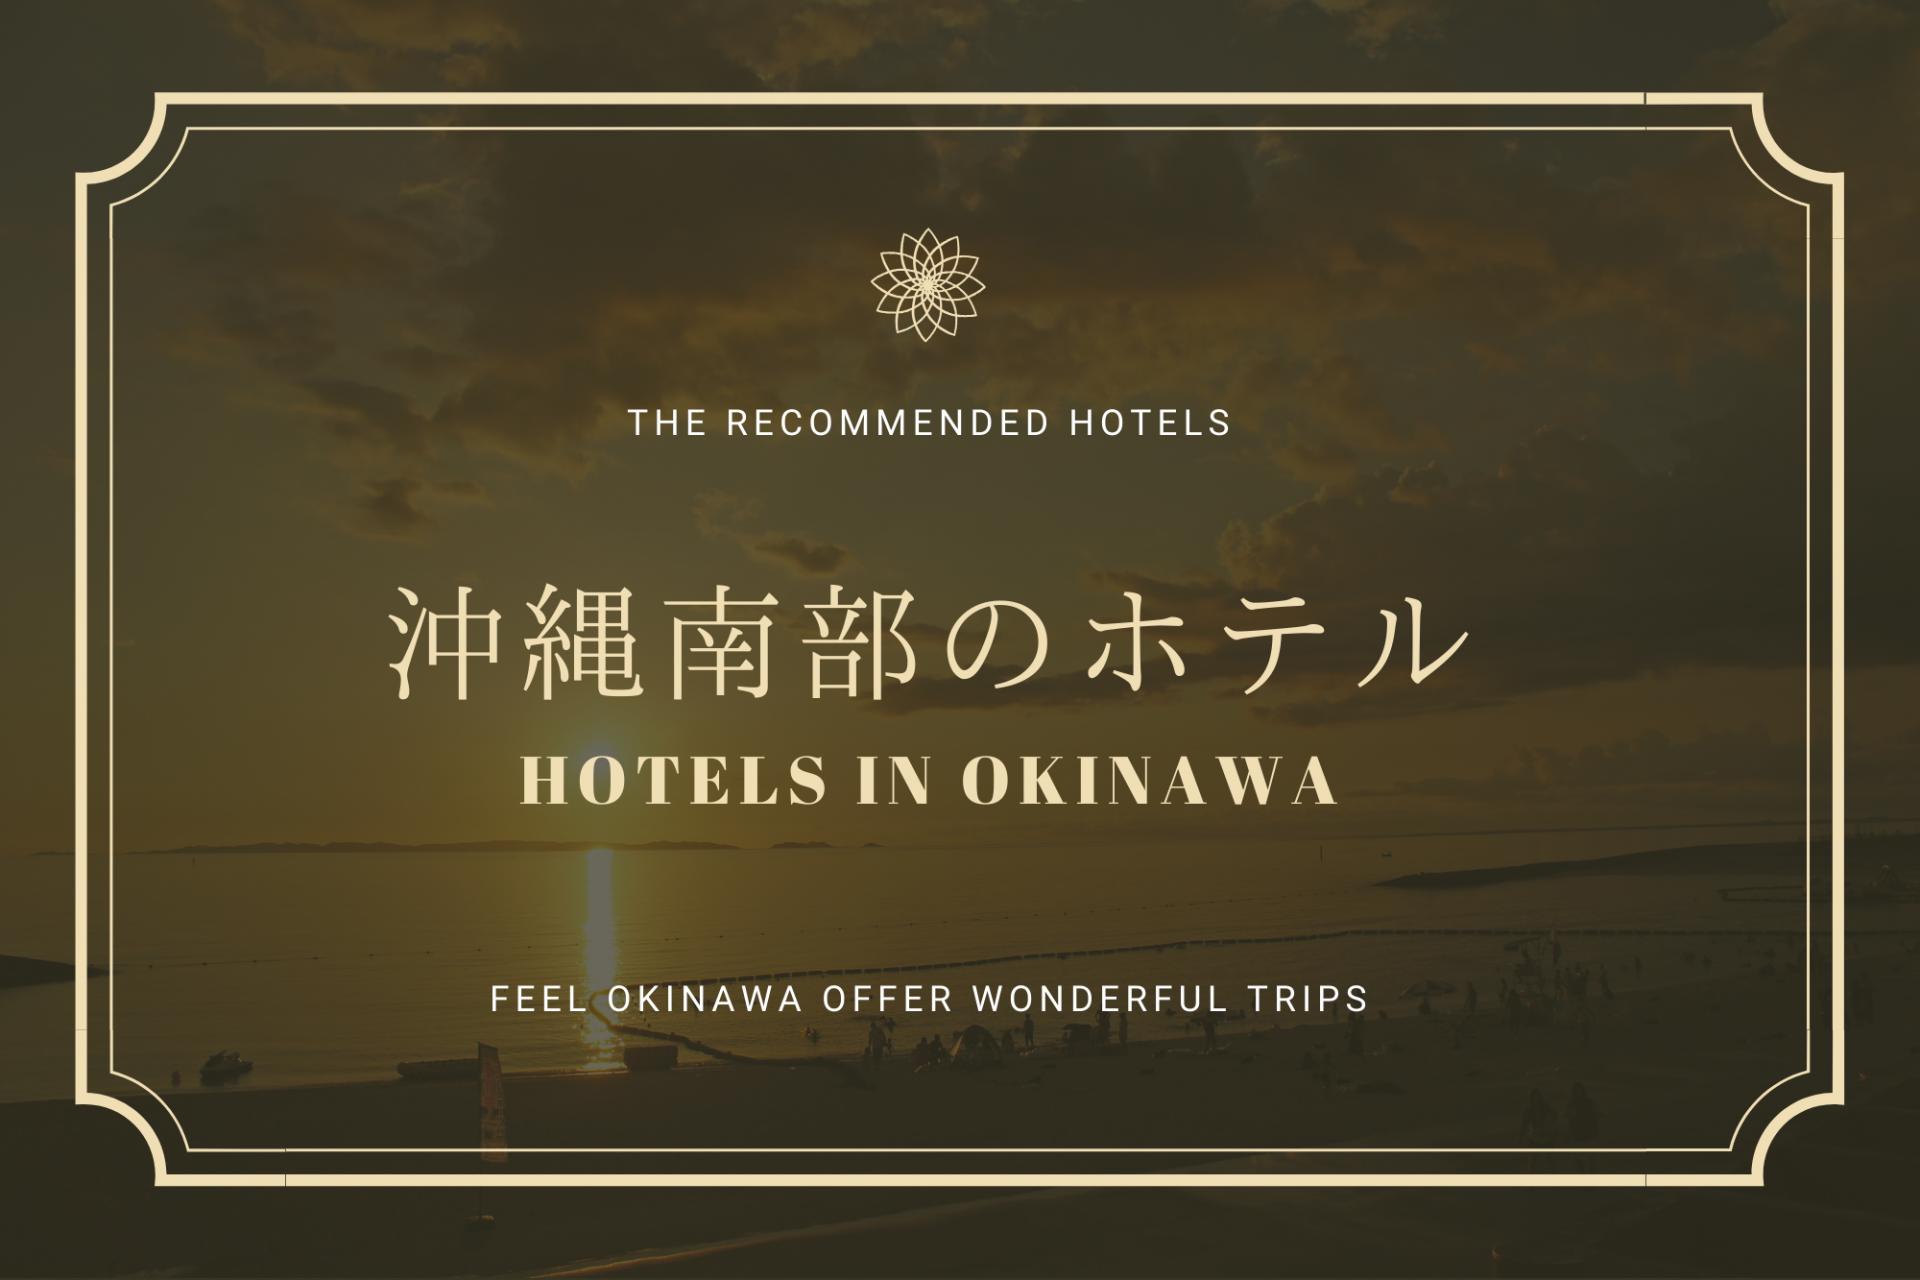 【沖縄南部】おすすめホテル5選&観光スポット3選